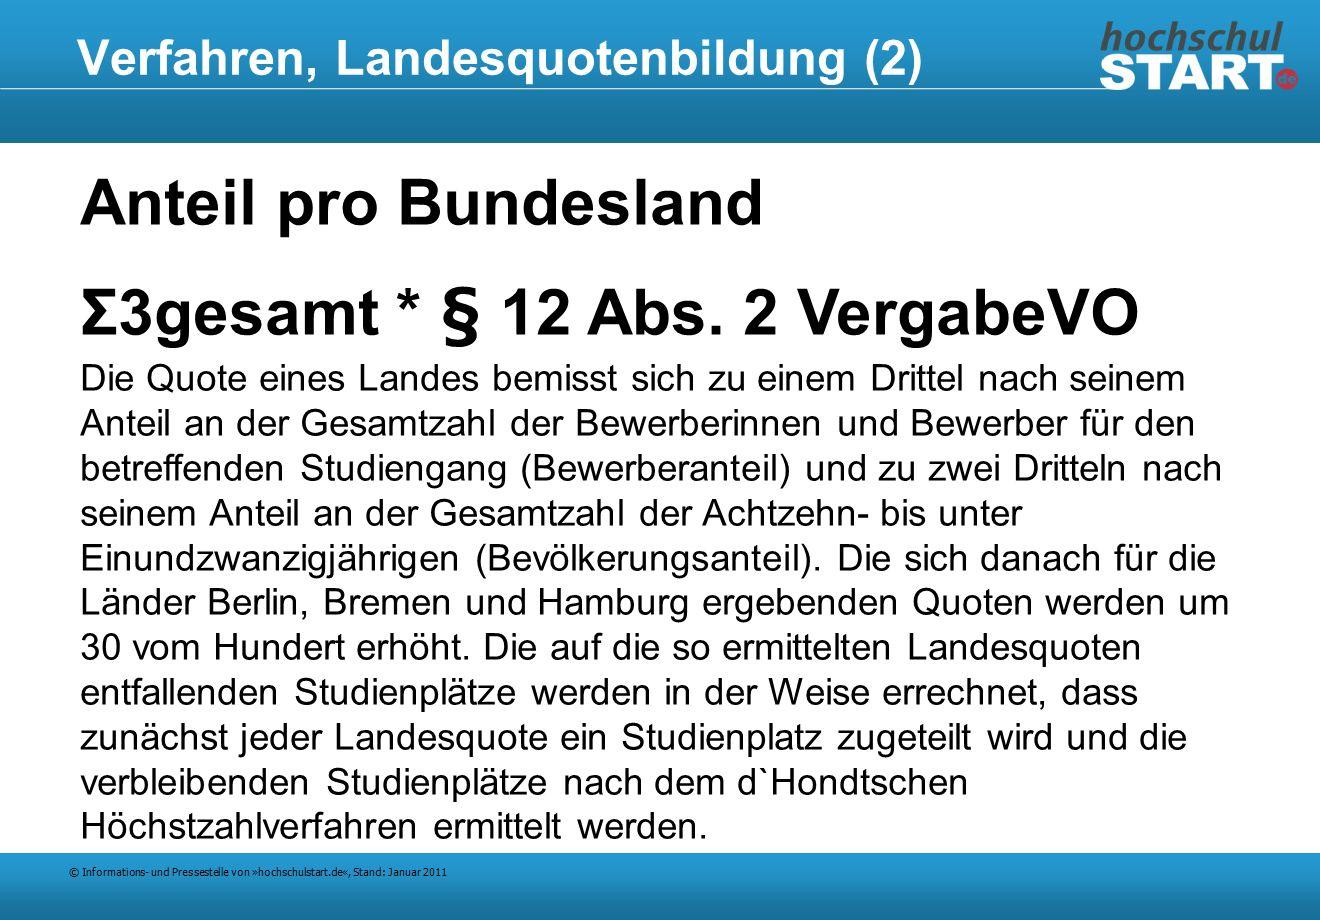 © Informations- und Pressestelle von »hochschulstart.de«, Stand: Januar 2011 Verfahren, Landesquotenbildung (2) Anteil pro Bundesland Σ3gesamt * § 12 Abs.